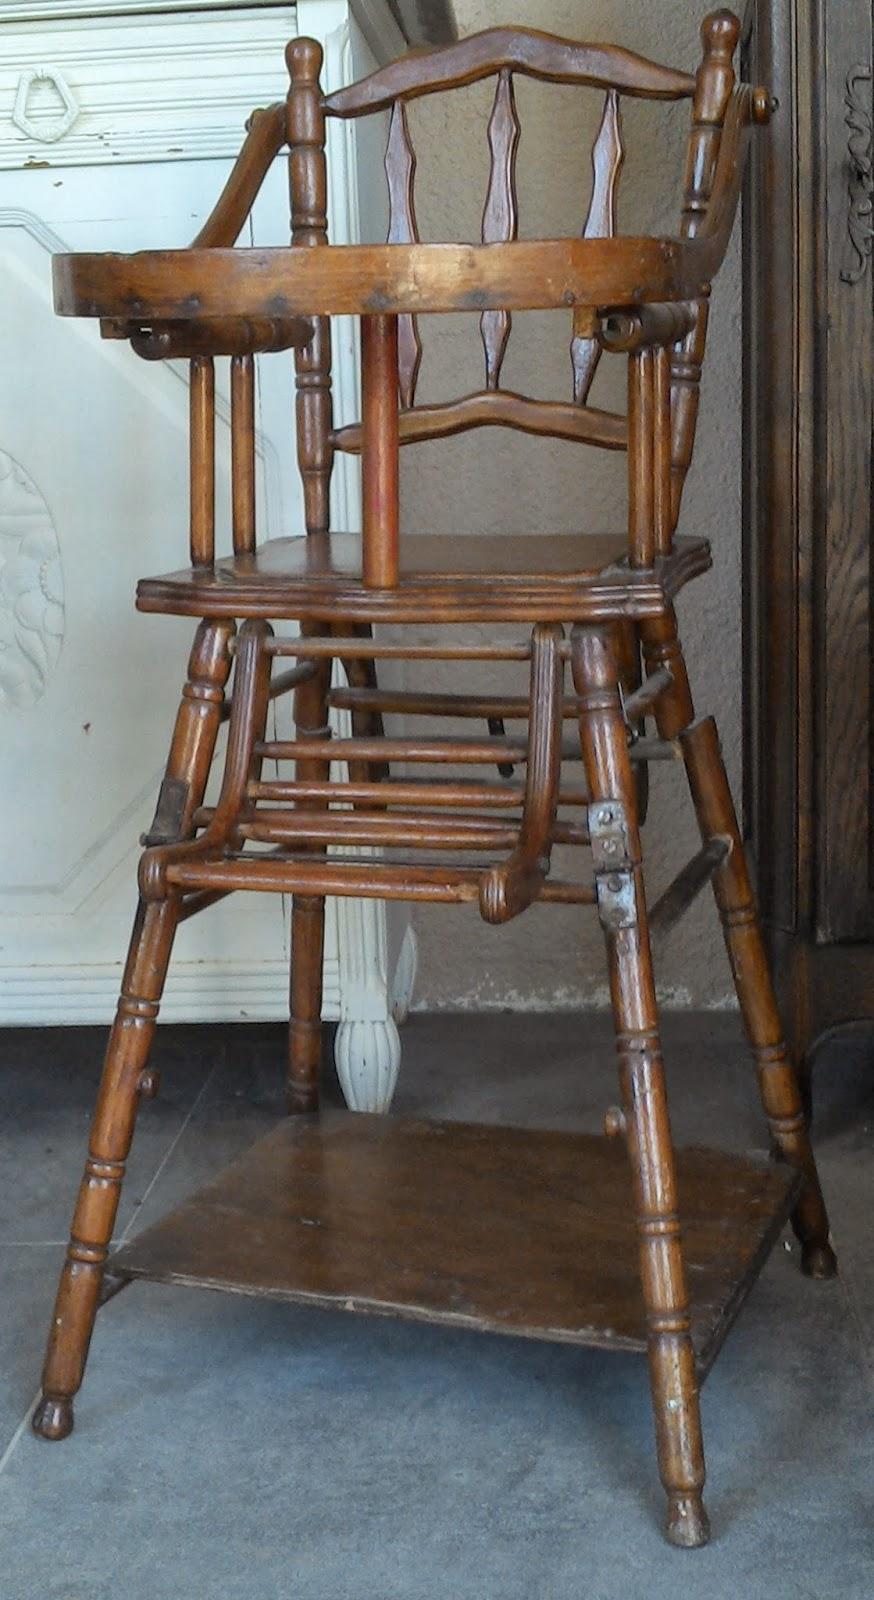 chaise haute enfant fa on bambou thonet ancienne a systeme pliante pliable vintage art nouveau. Black Bedroom Furniture Sets. Home Design Ideas